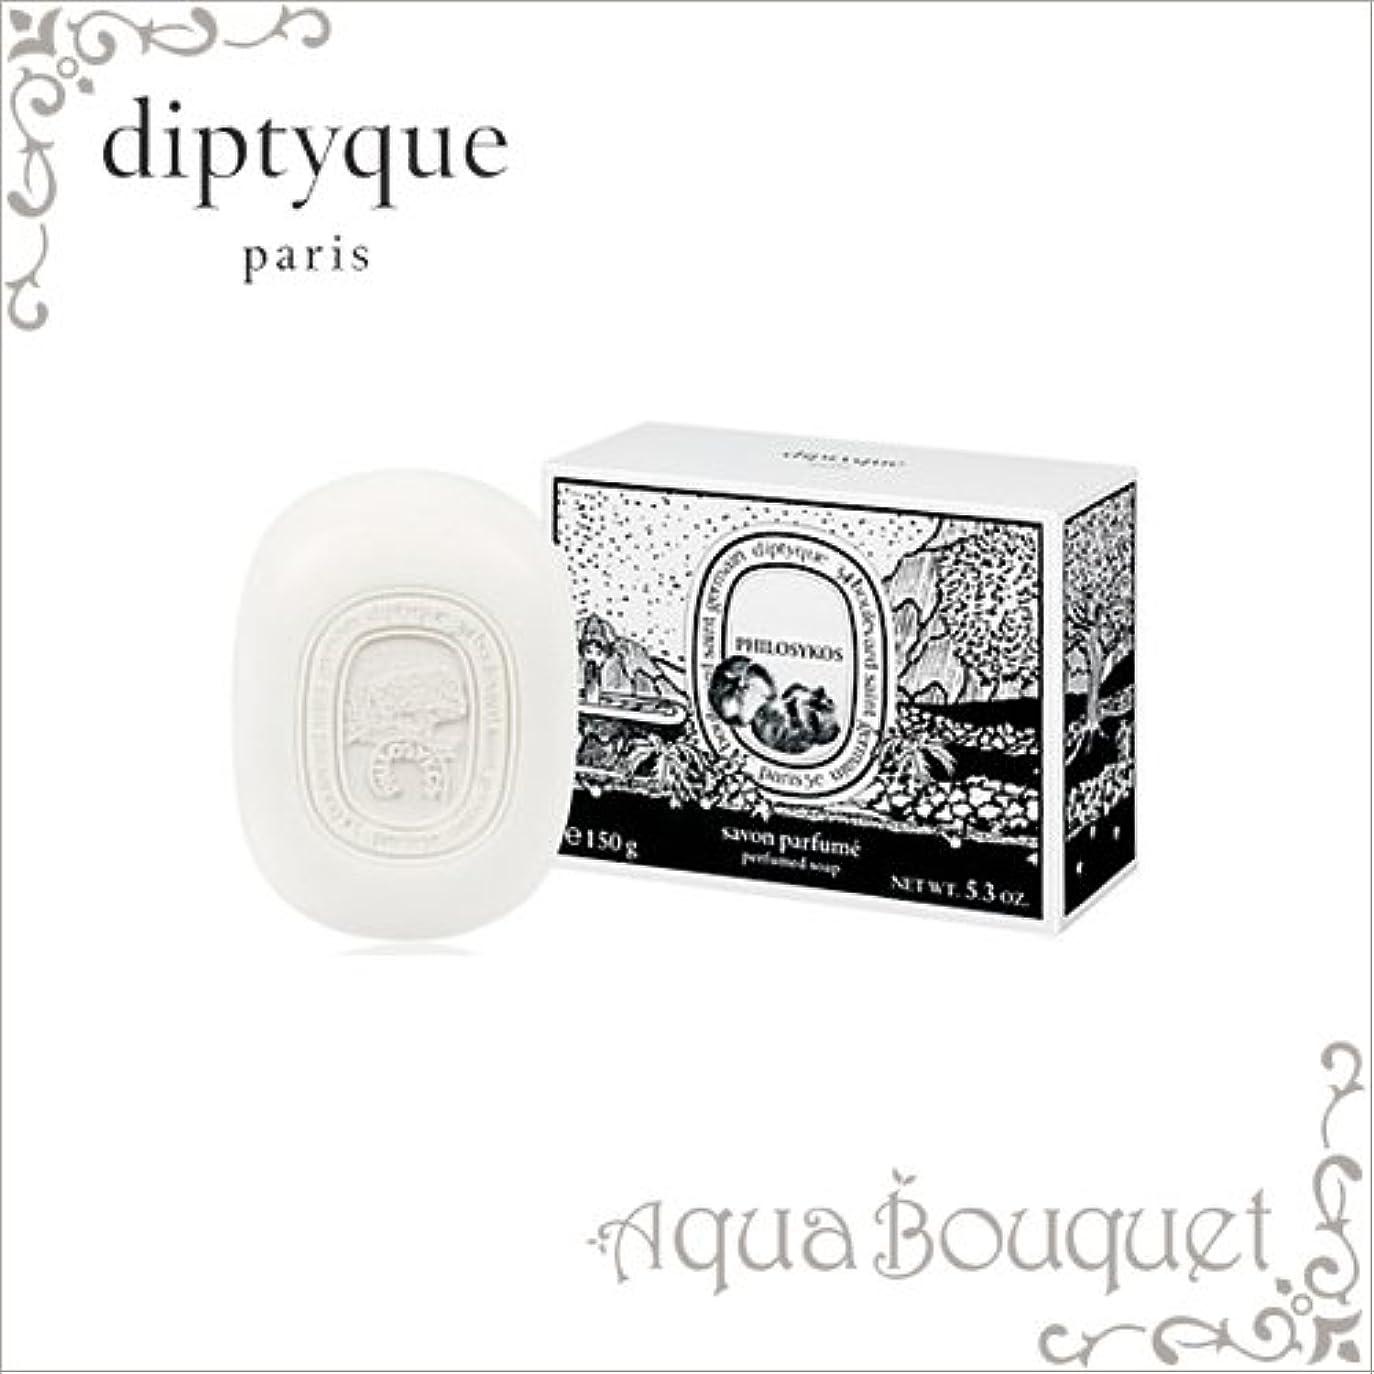 ゴシップミュウミュウモートディプティック フィロシコス ソープ 150g DIPTYQUE PHILOSYKOS SOAP